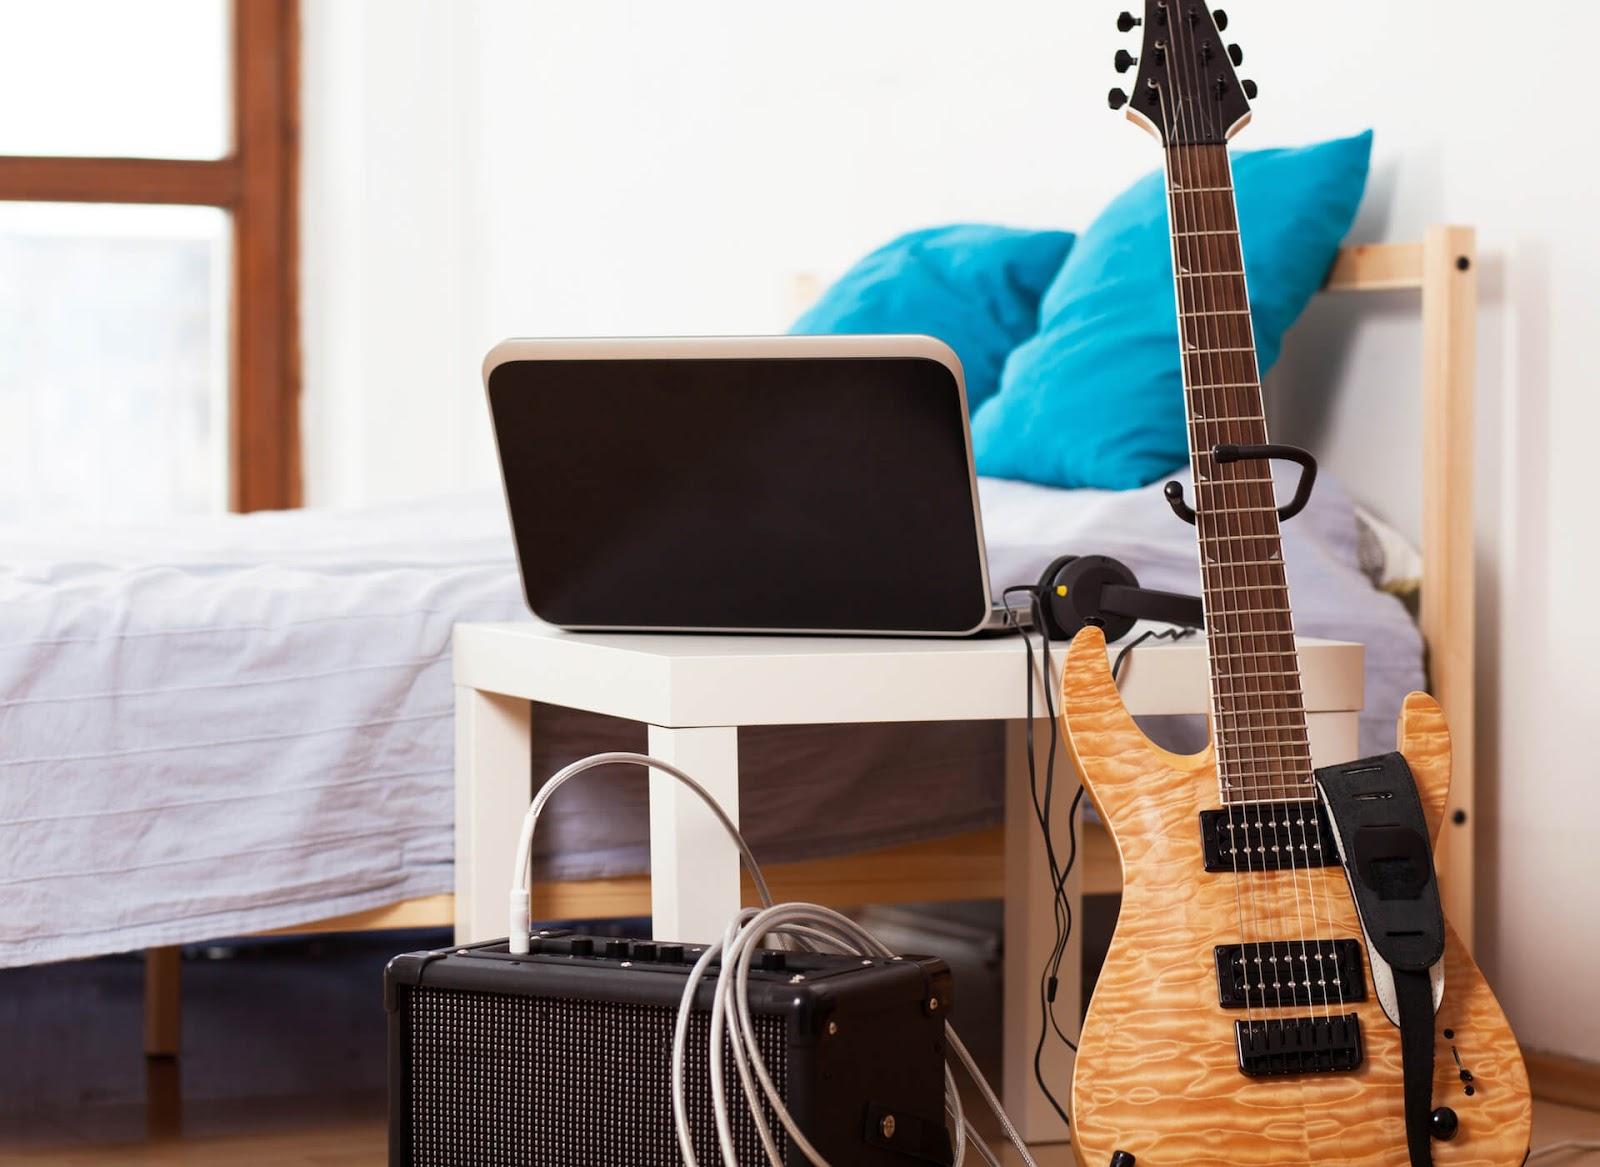 Electric guitar in bedroom